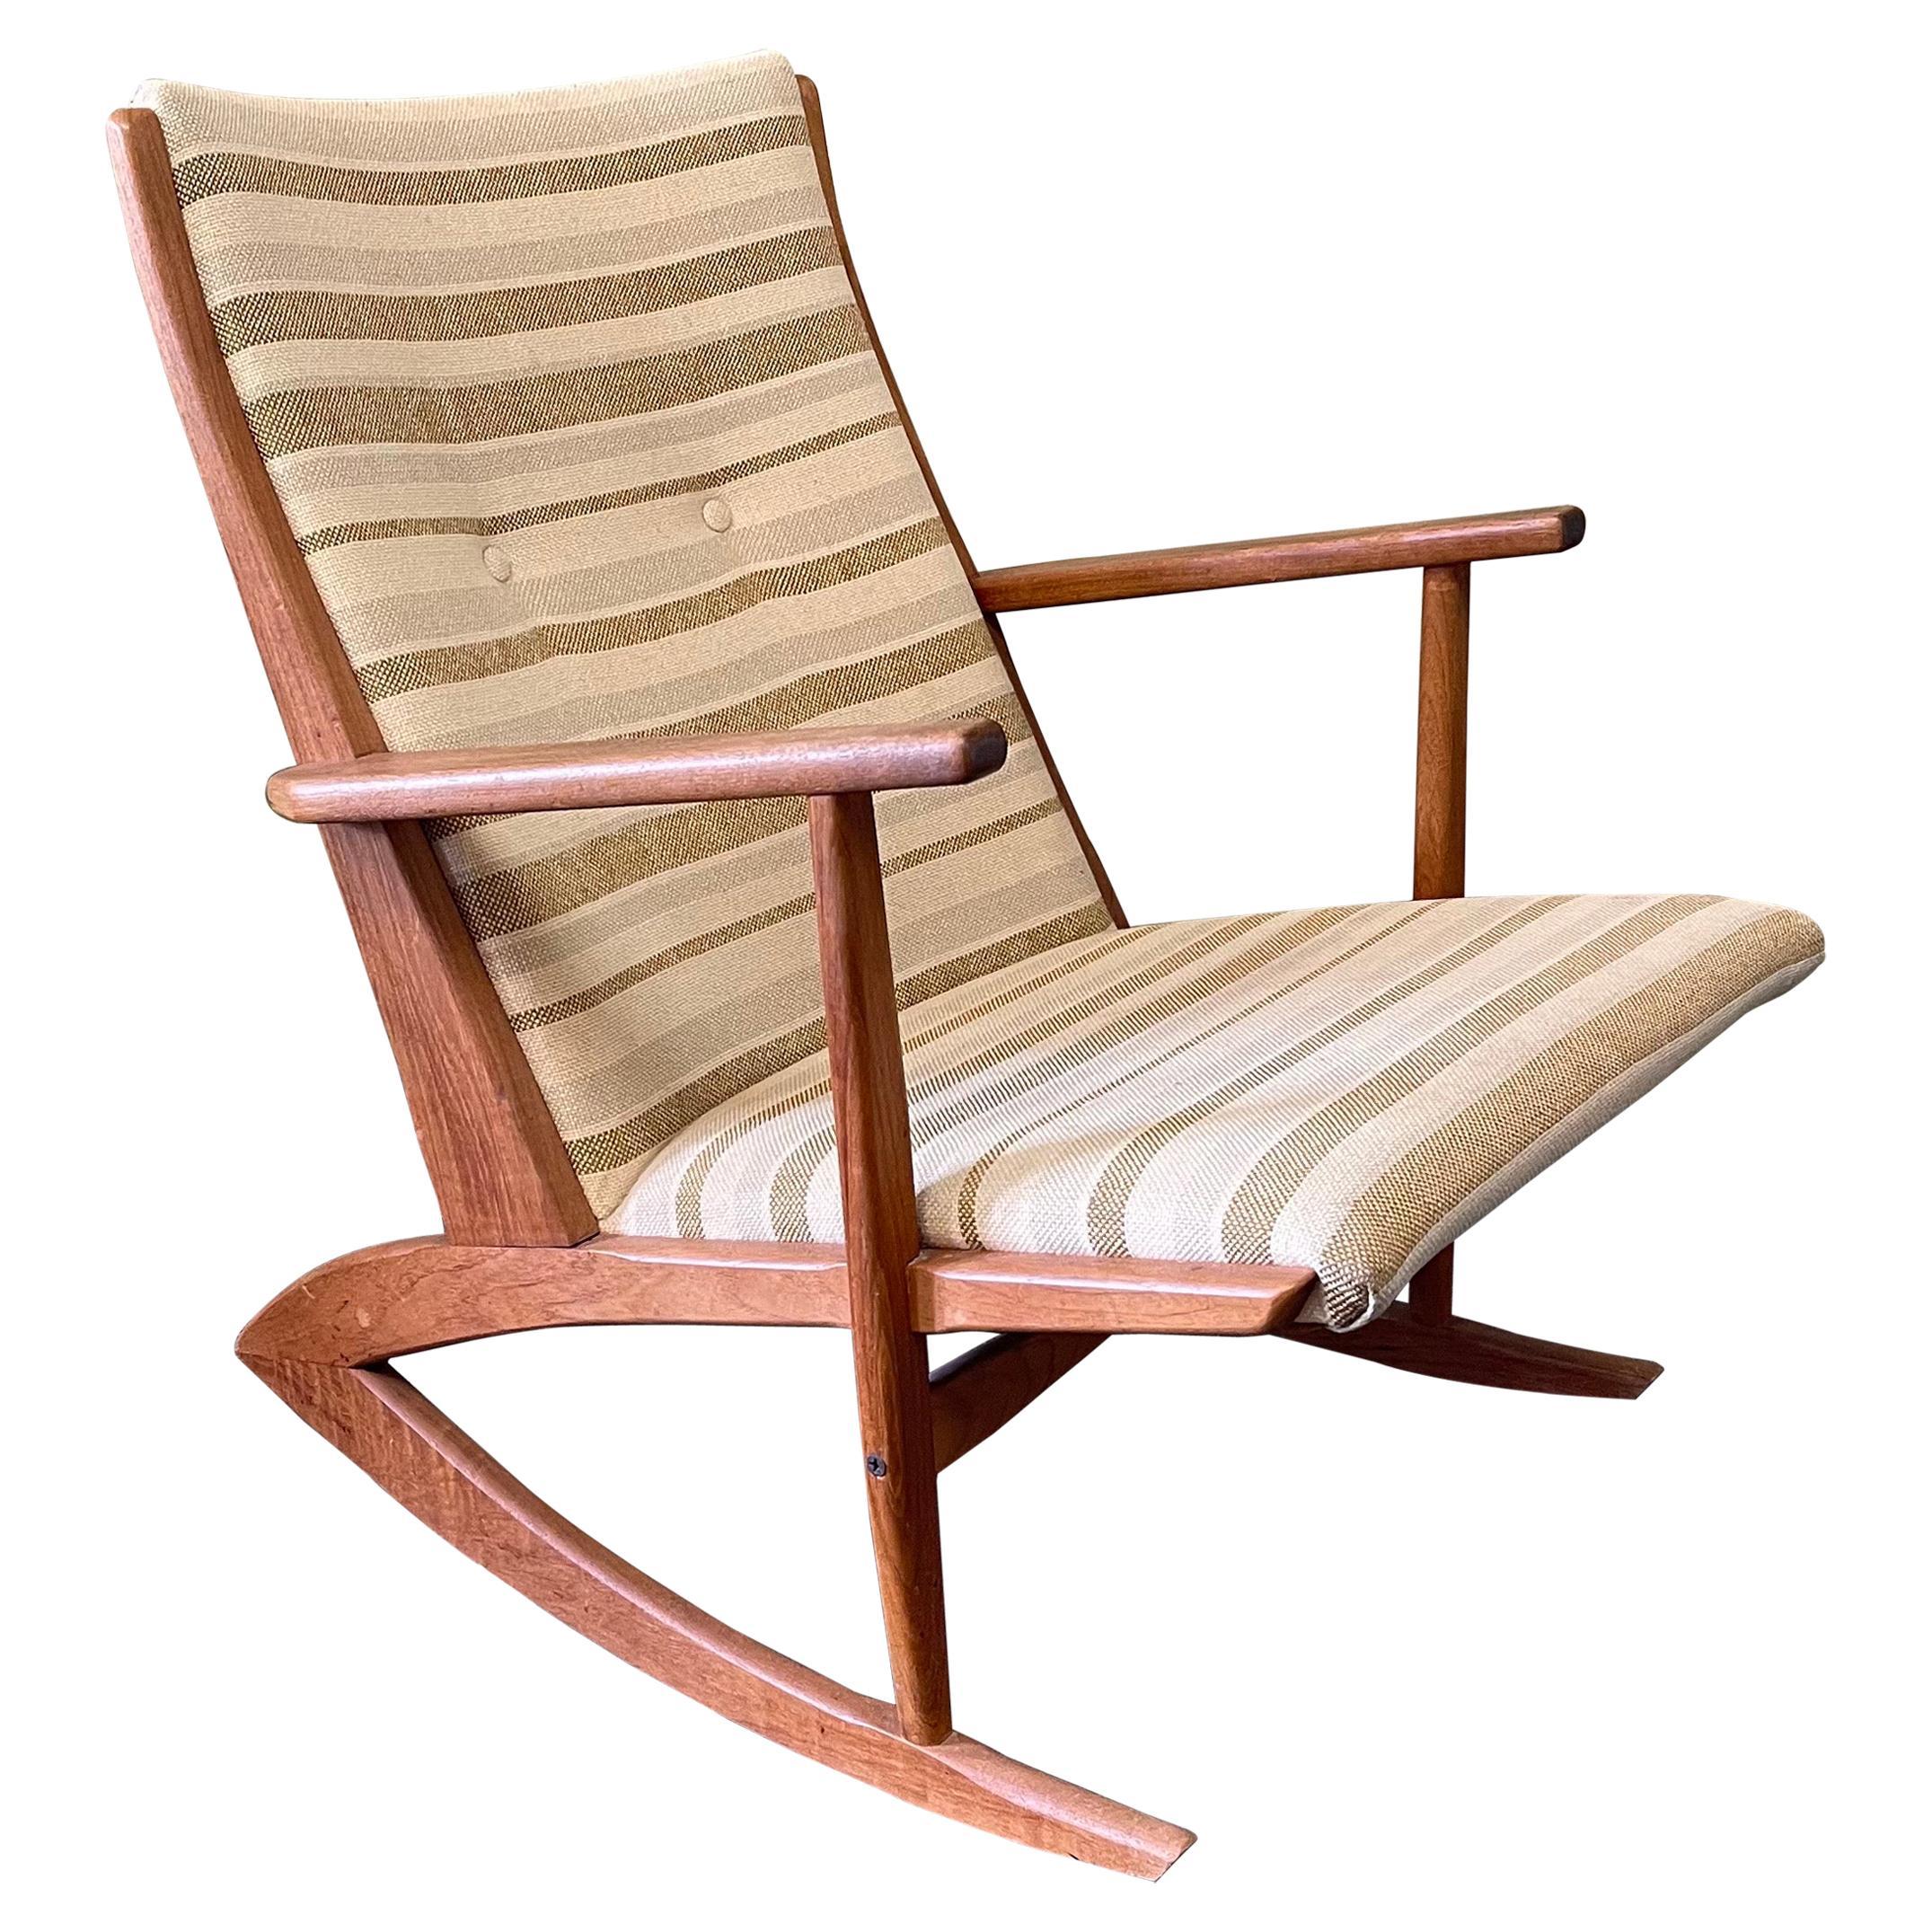 Danish Modern Teak Rocking Chairs by Holger Georg Jensen for Tonder Mobelvaerk